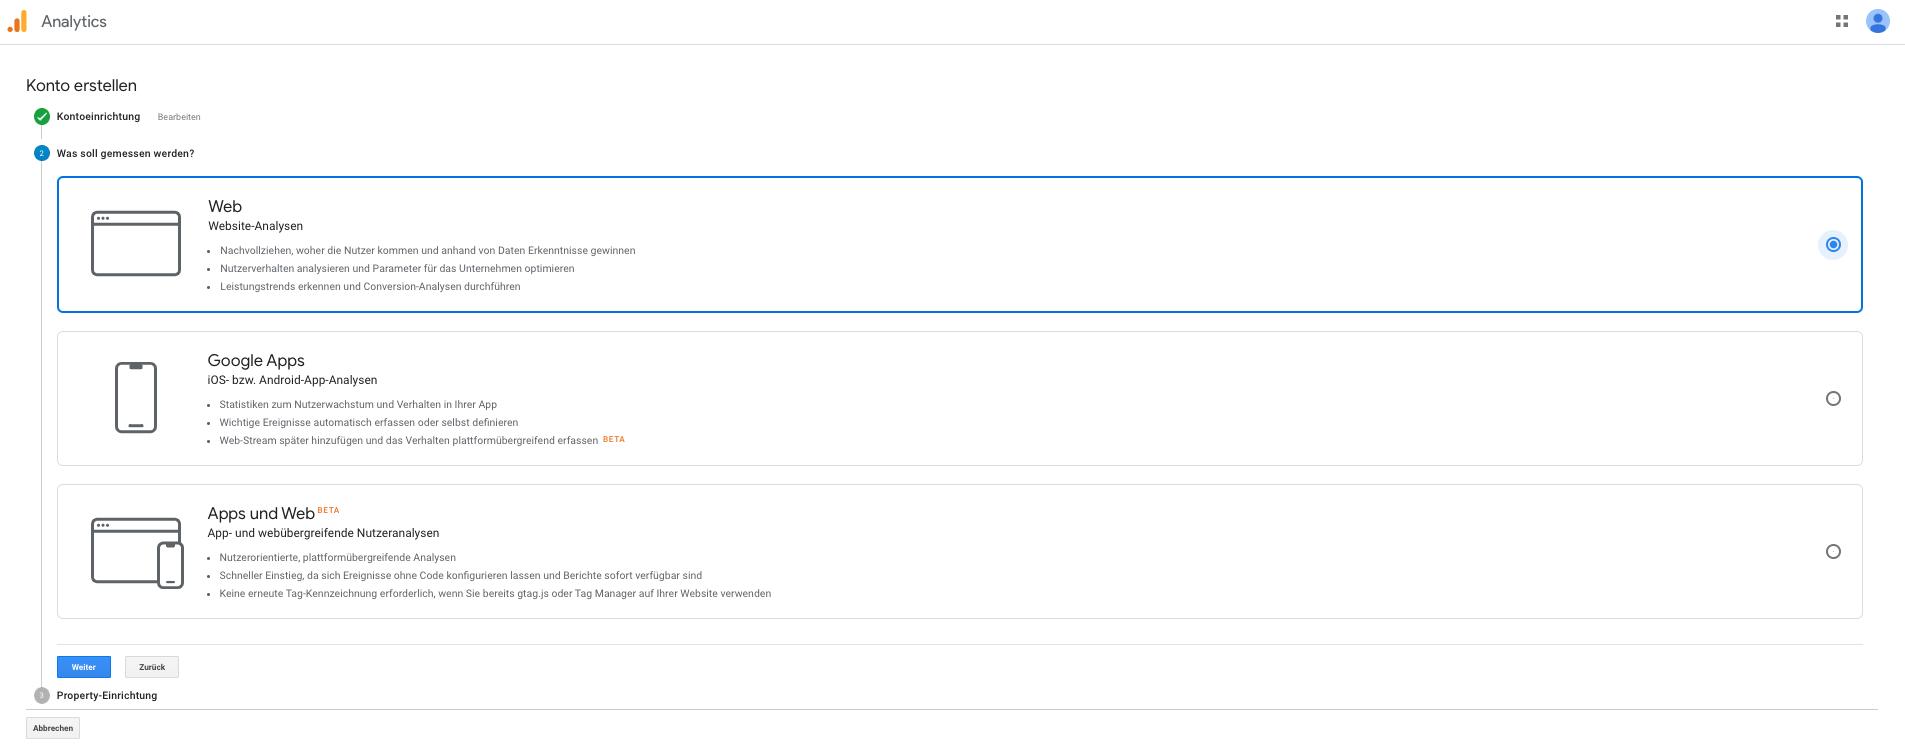 Screenshot: Abfrage, ob Web, Apps oder beides gemessen werden soll